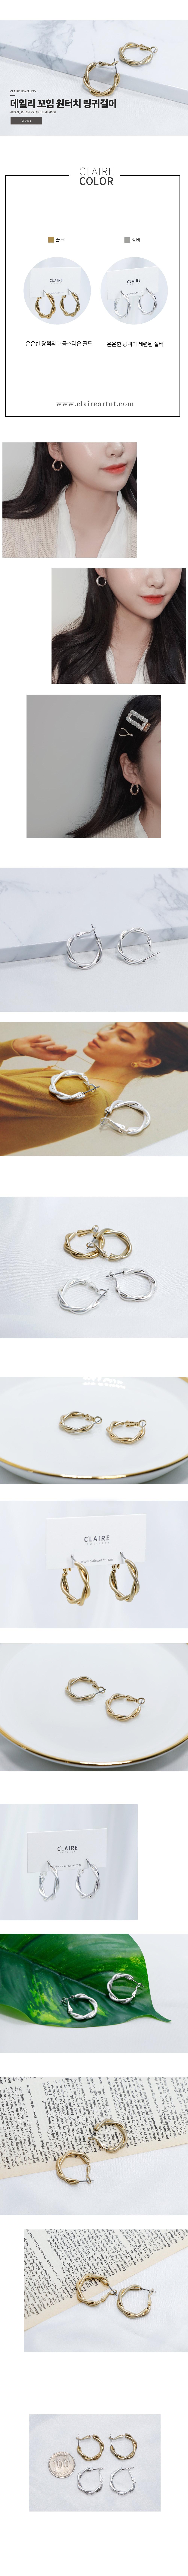 데일리 꼬임 원터치 링귀걸이 2color - 클레어쥬얼리, 12,800원, 골드, 링귀걸이